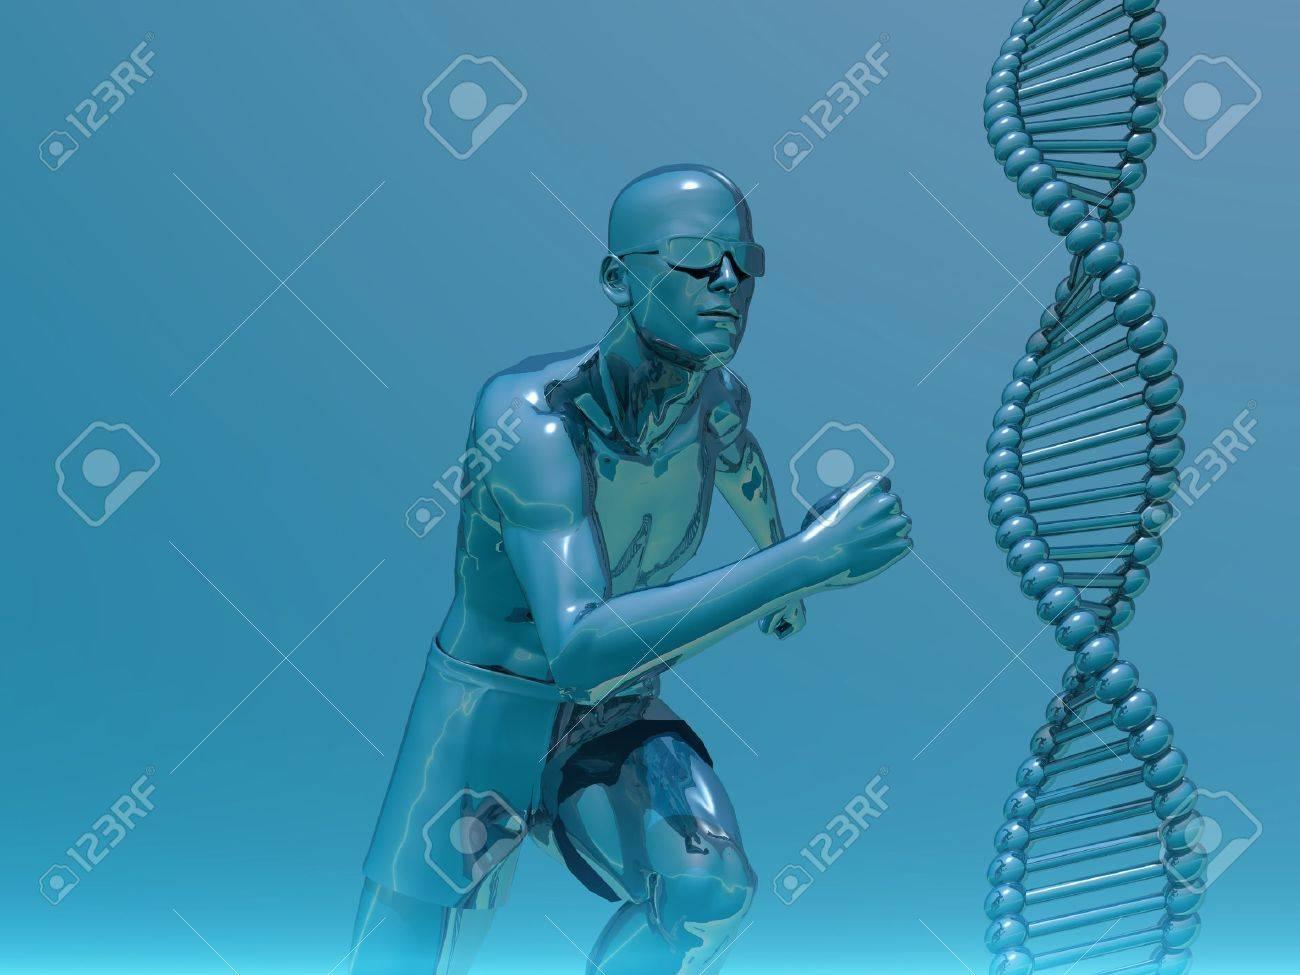 DNA strands and running man  - 3d illustration Stock Illustration - 9677593